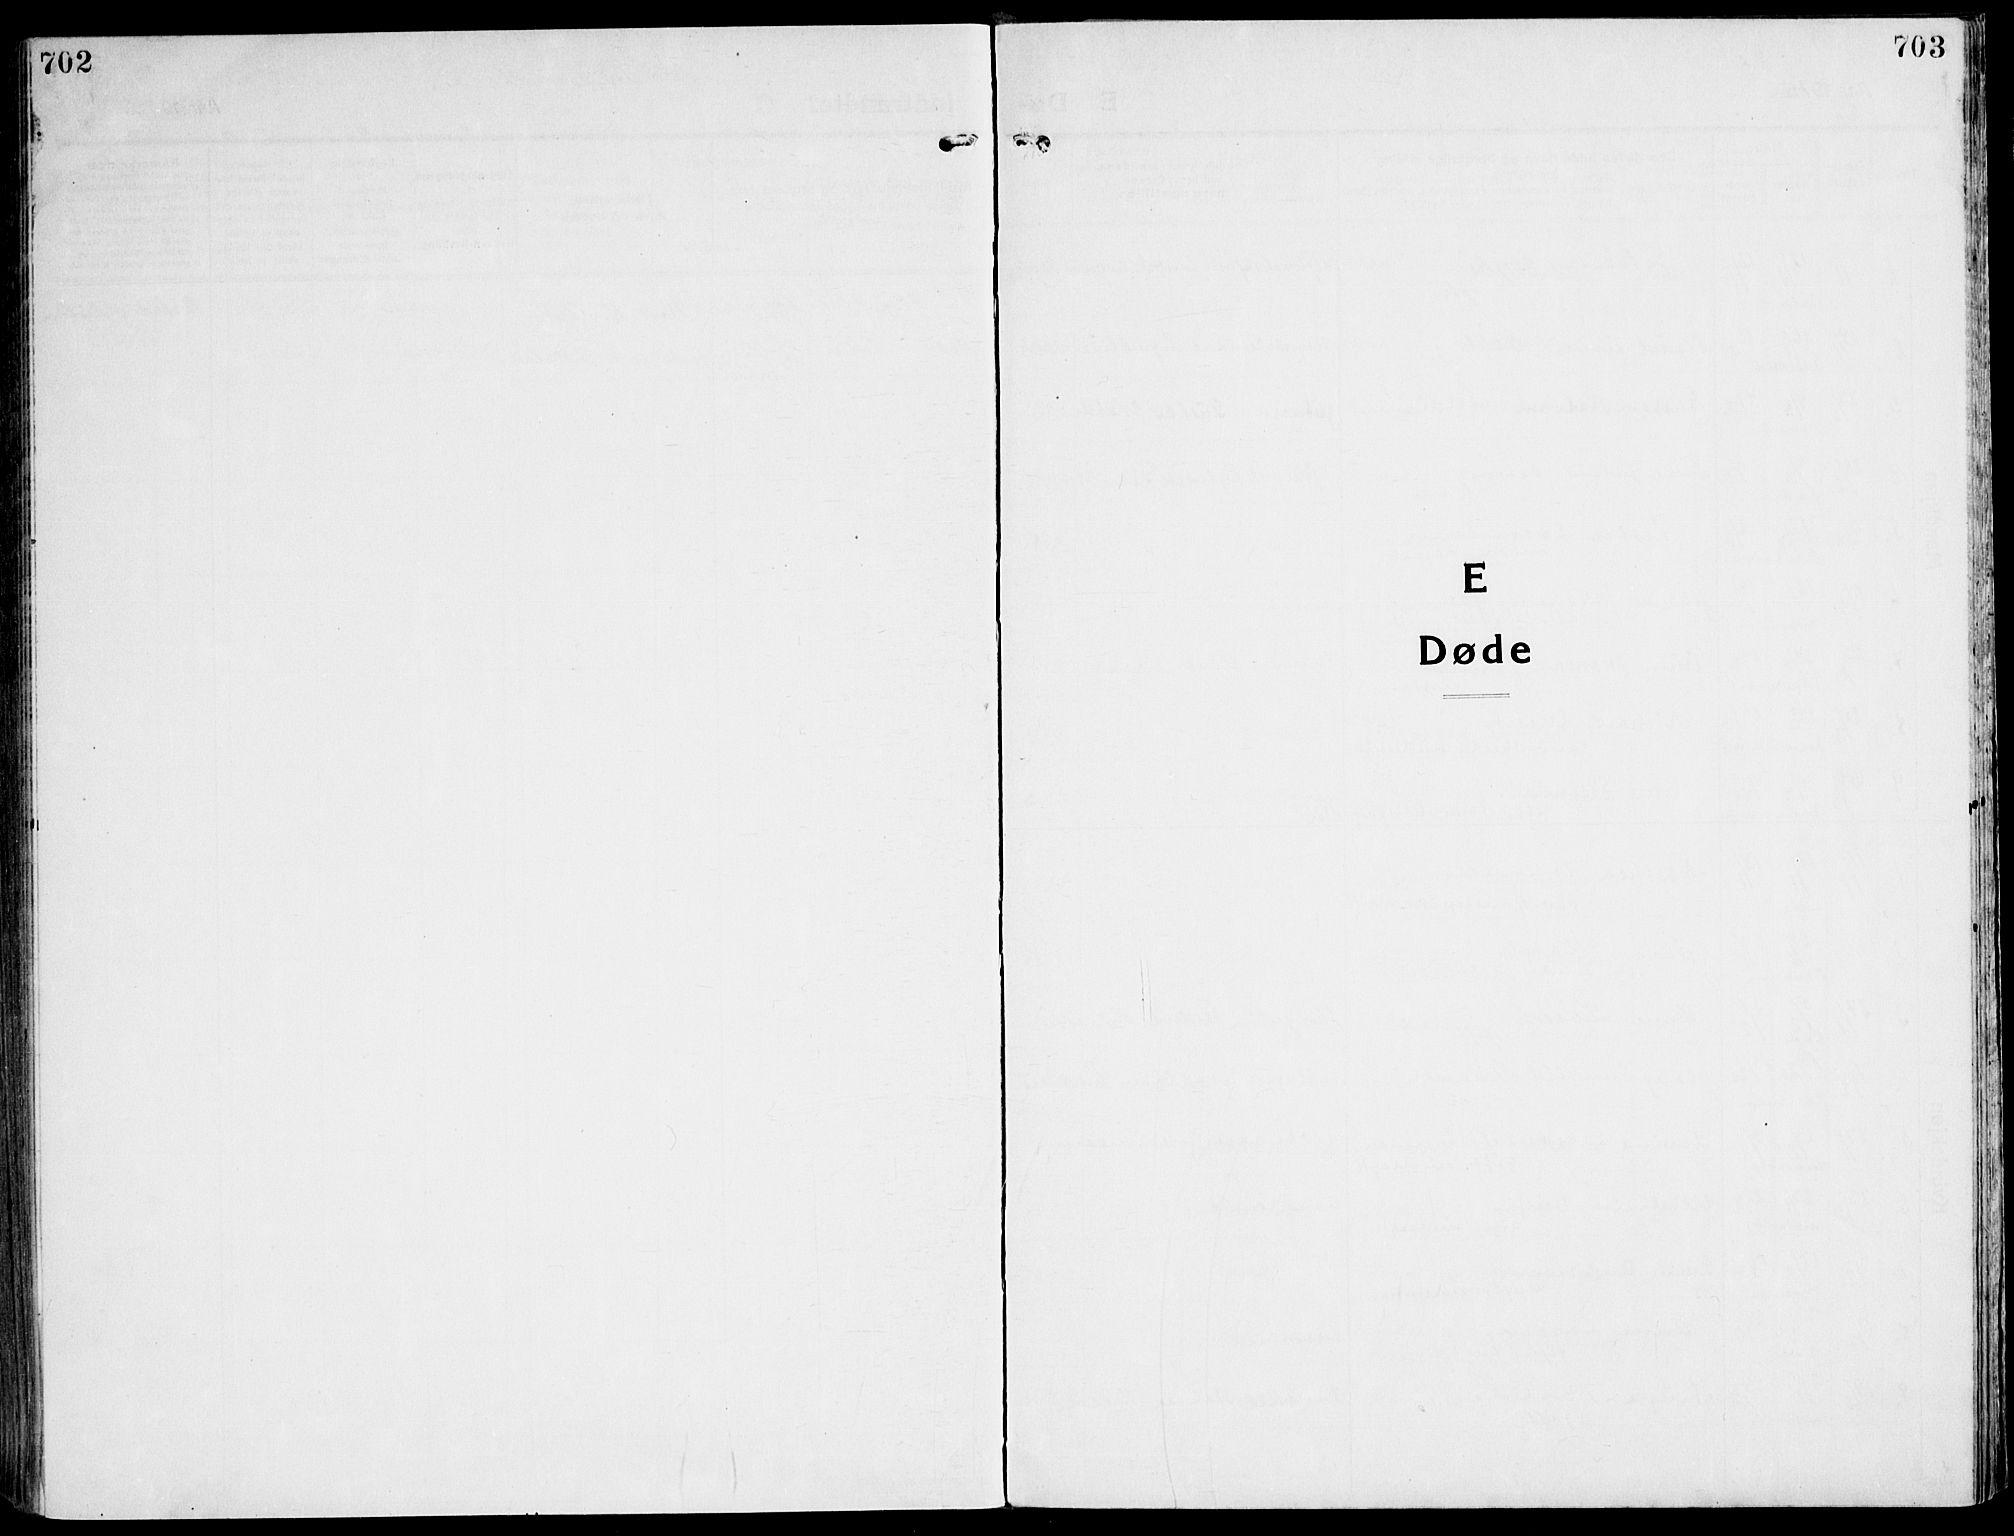 SAT, Ministerialprotokoller, klokkerbøker og fødselsregistre - Sør-Trøndelag, 607/L0321: Ministerialbok nr. 607A05, 1916-1935, s. 702-703